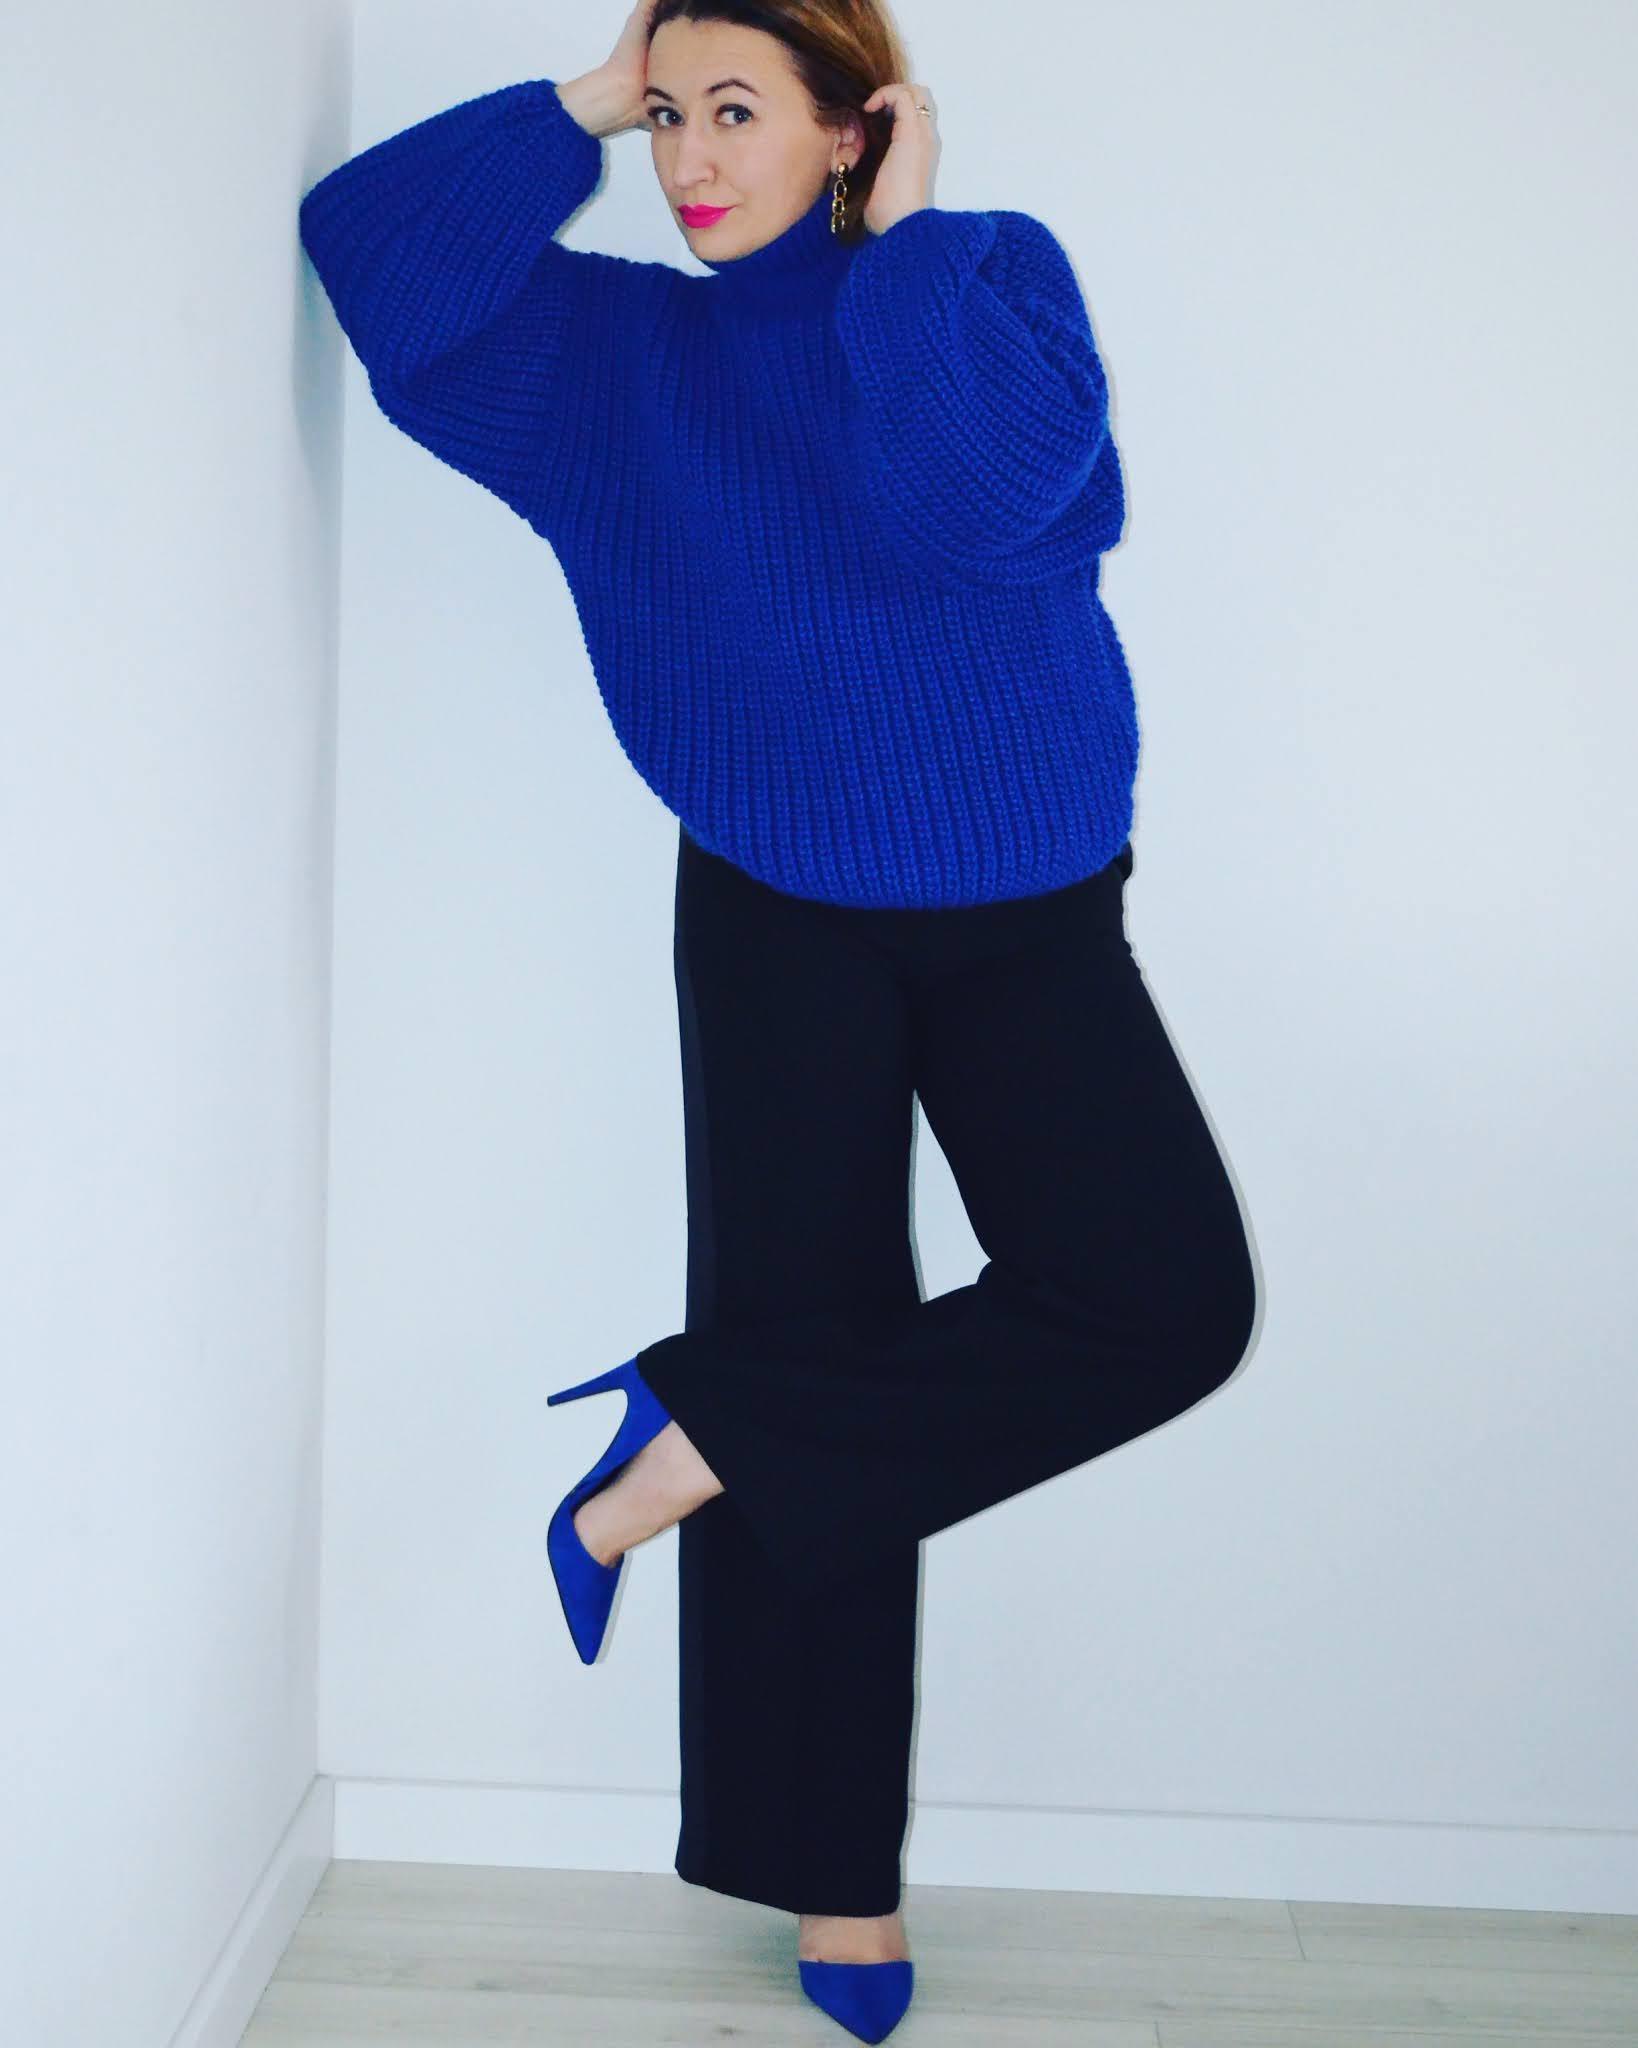 Sweater: Laurella Trousers: Monsoon Heels: Zara Sunnies: Celine Earrings: Freya Treasures